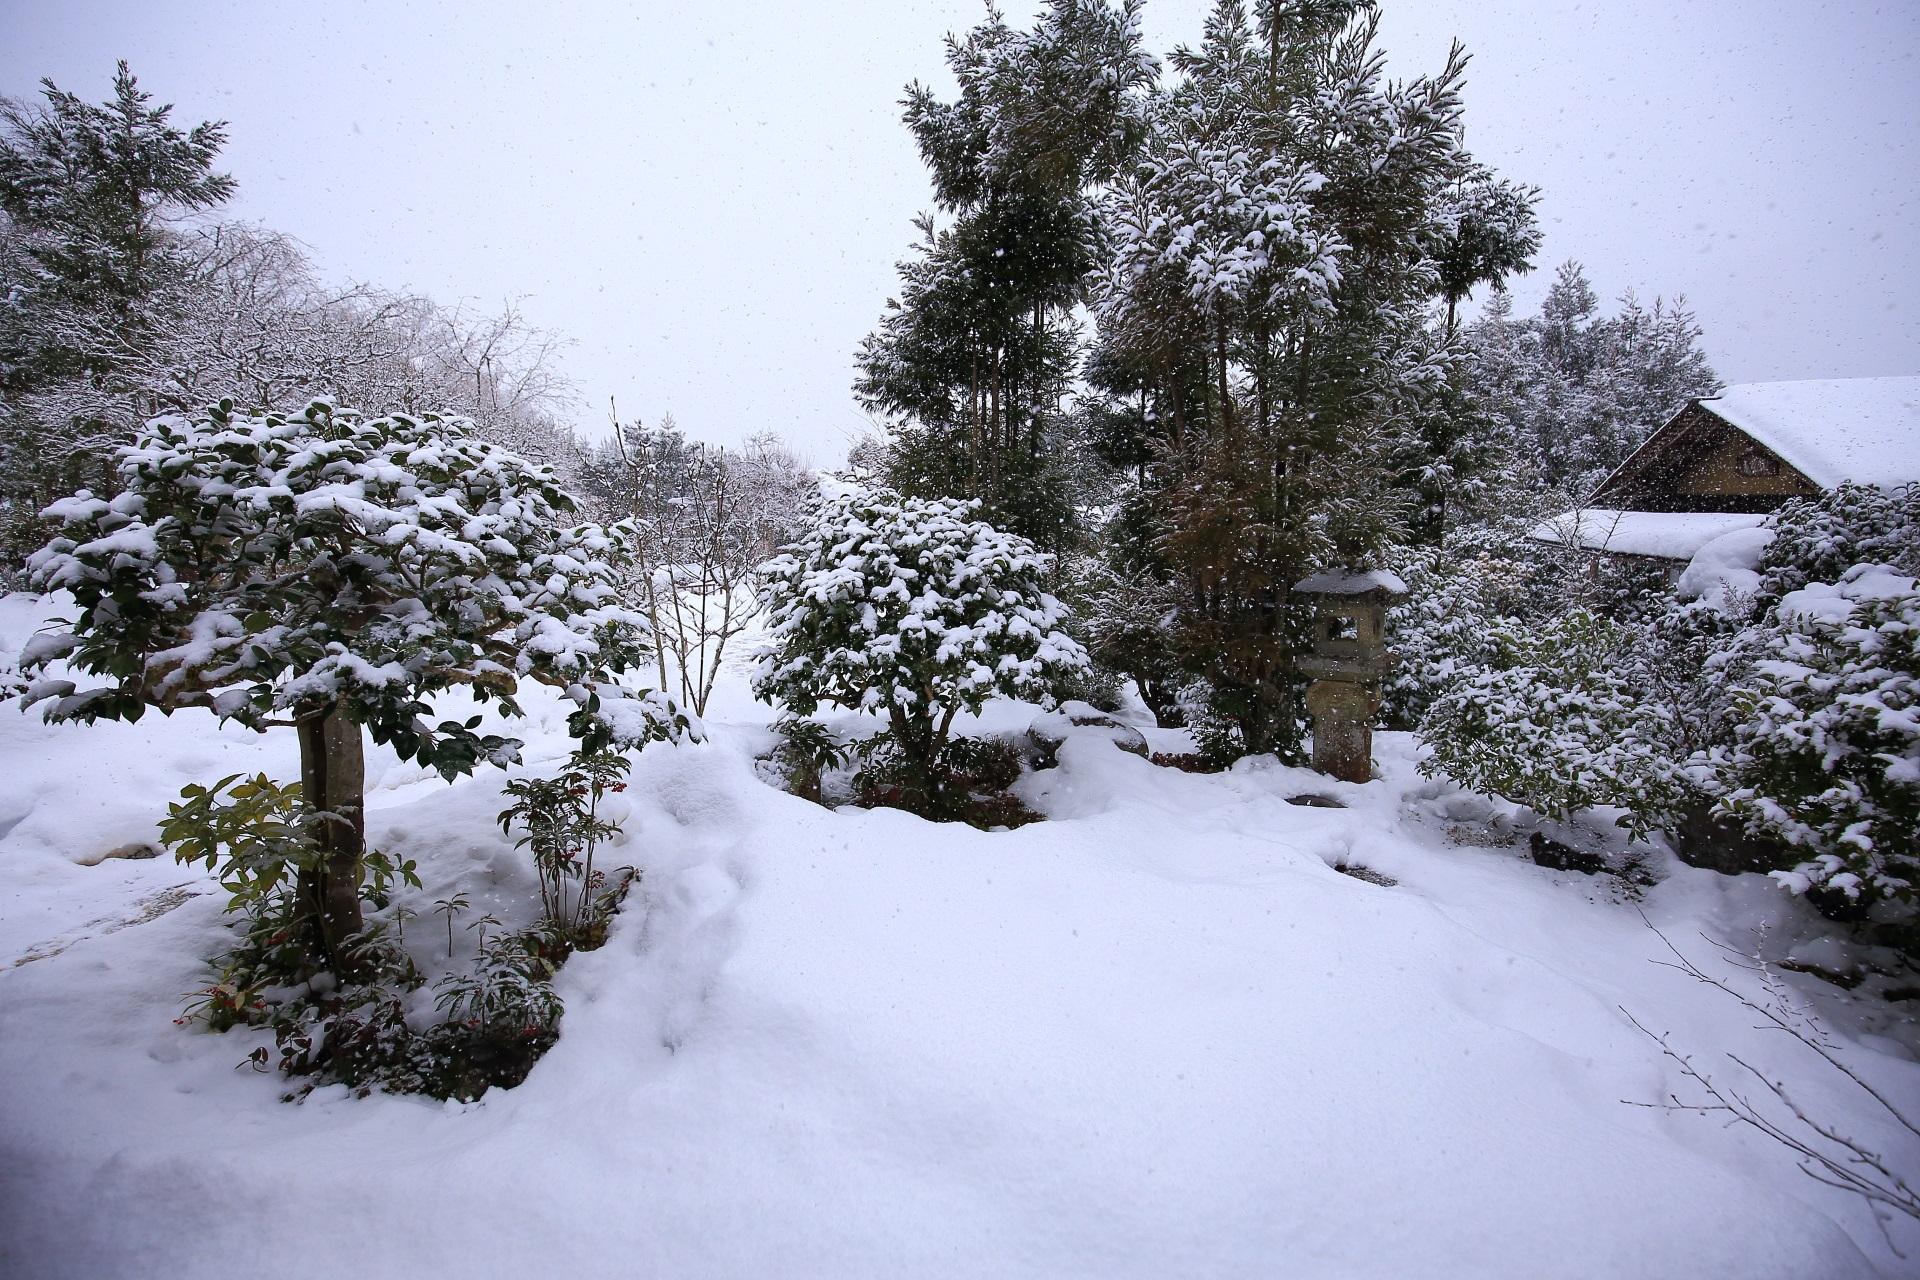 雪 実光院 写真 高画質